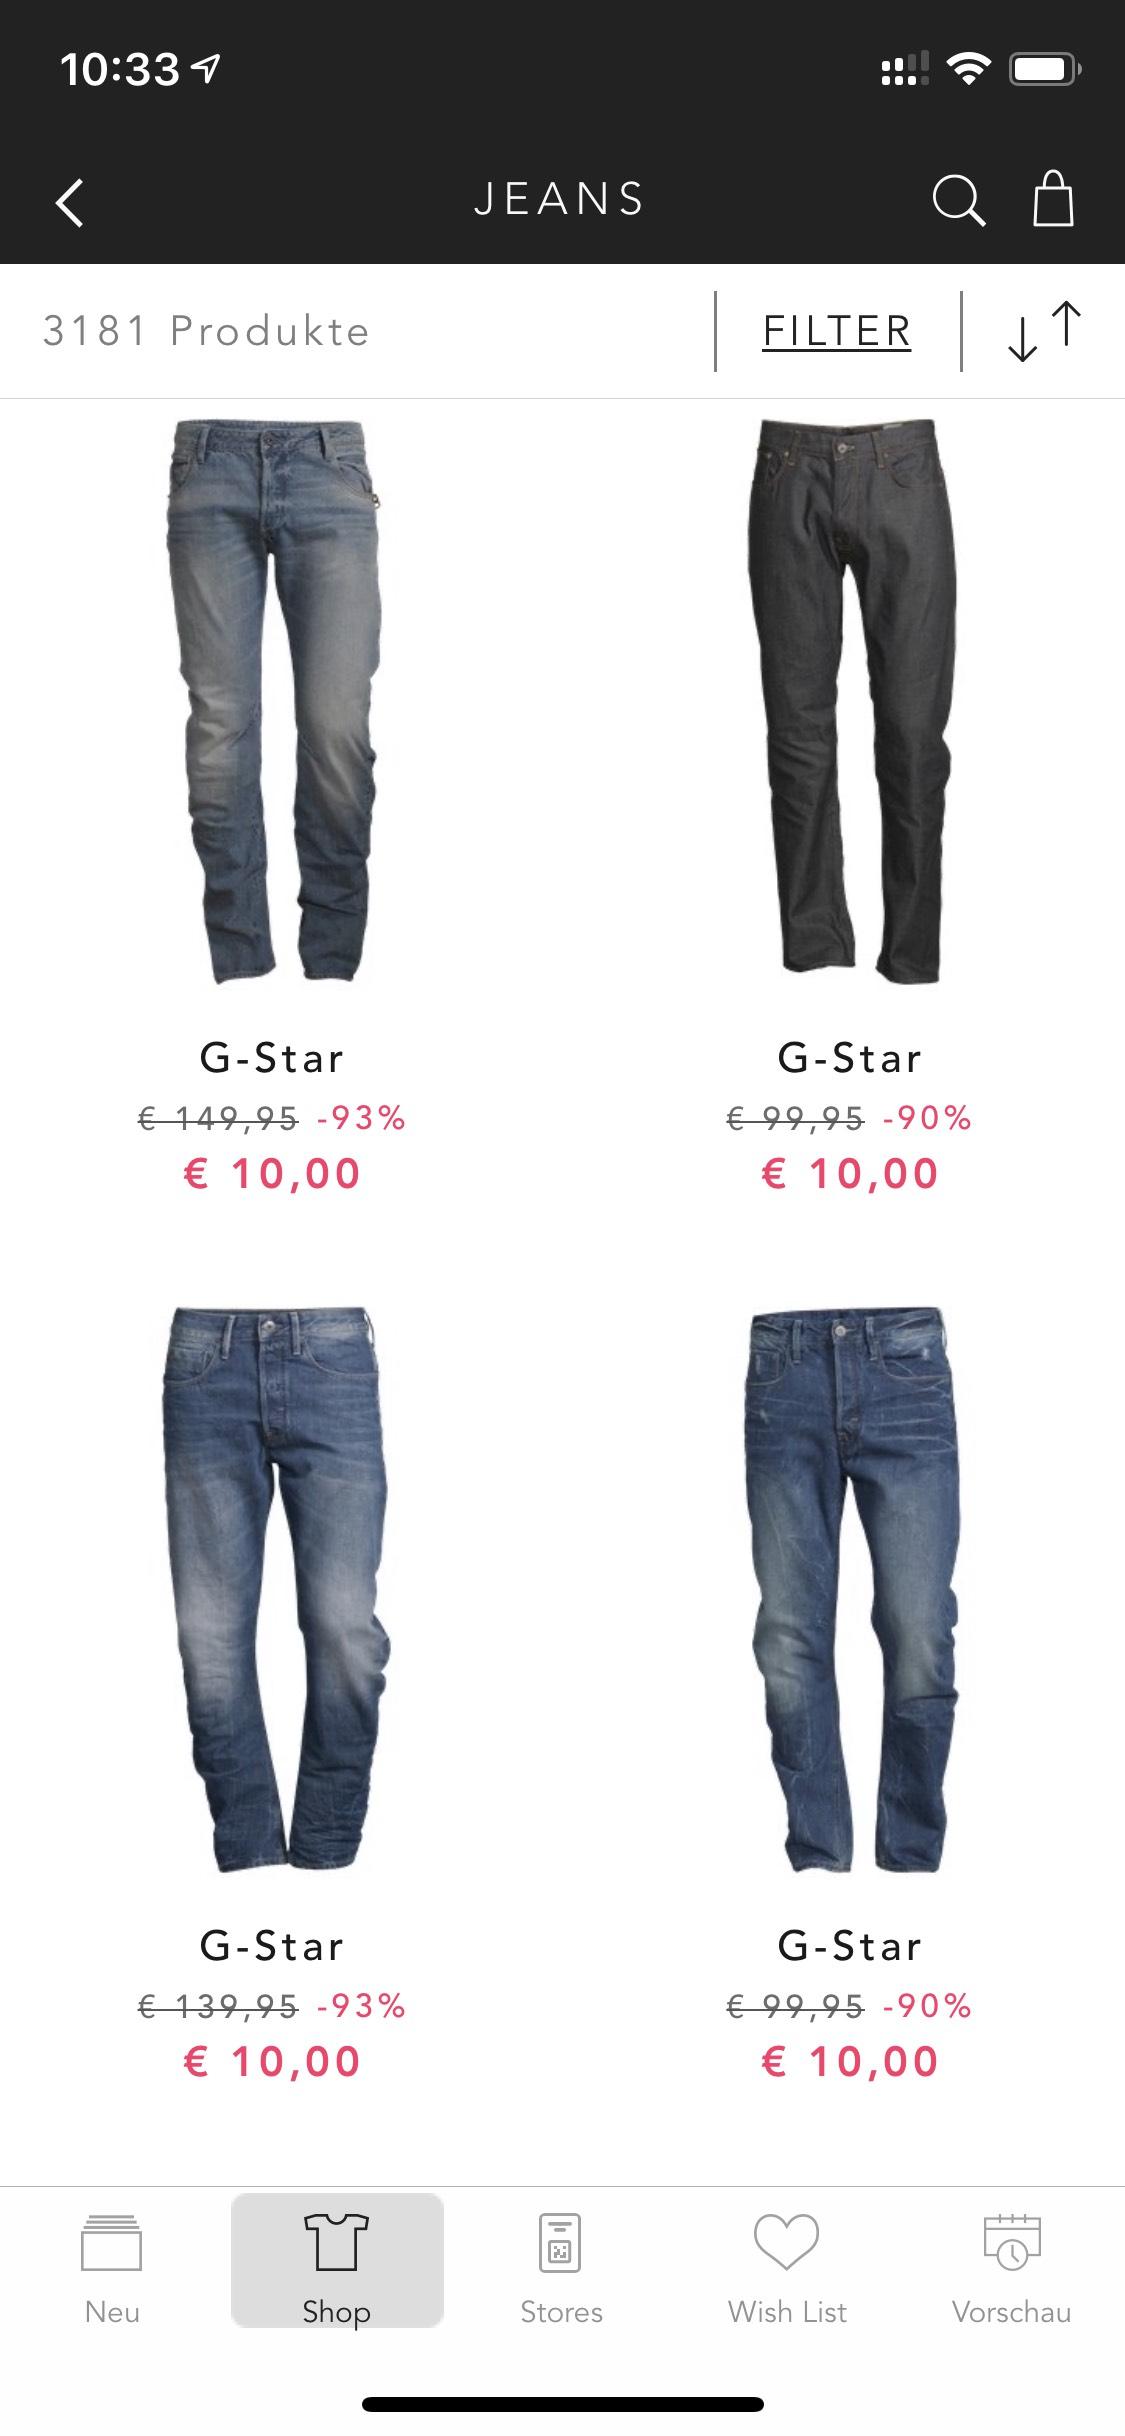 G-Star Jeans bei Bestsecret für 10€